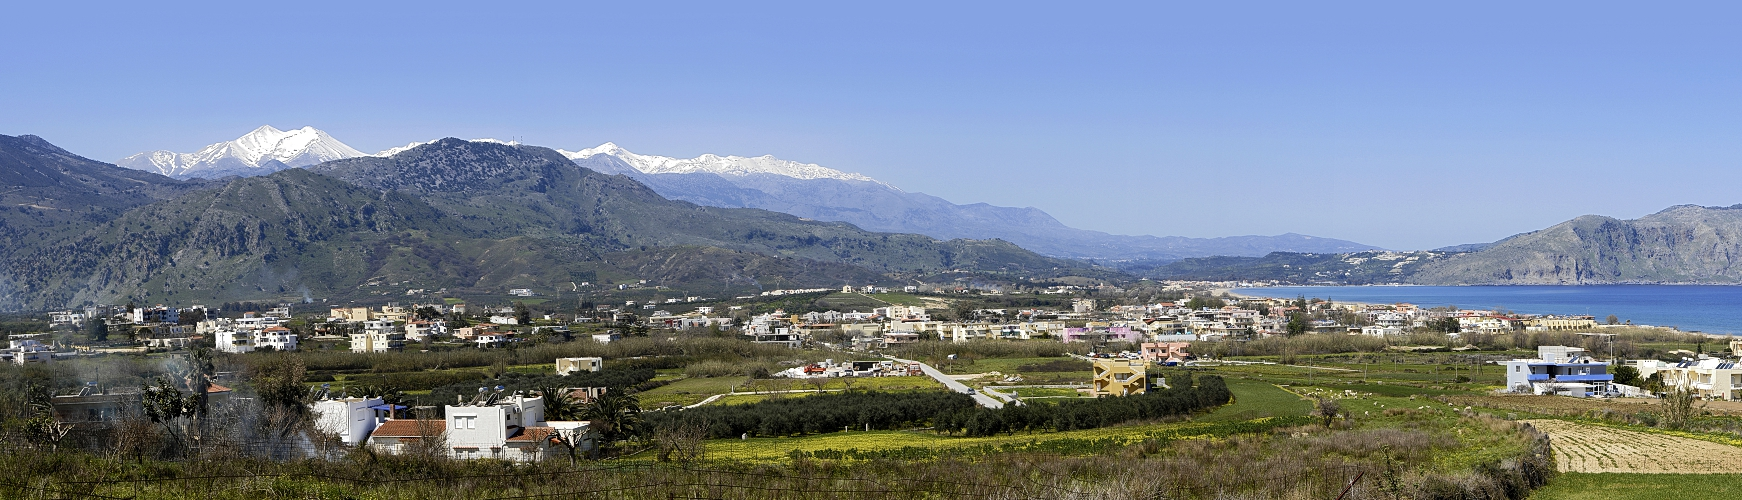 Kreta-2011_03_29-10_28_43-pano